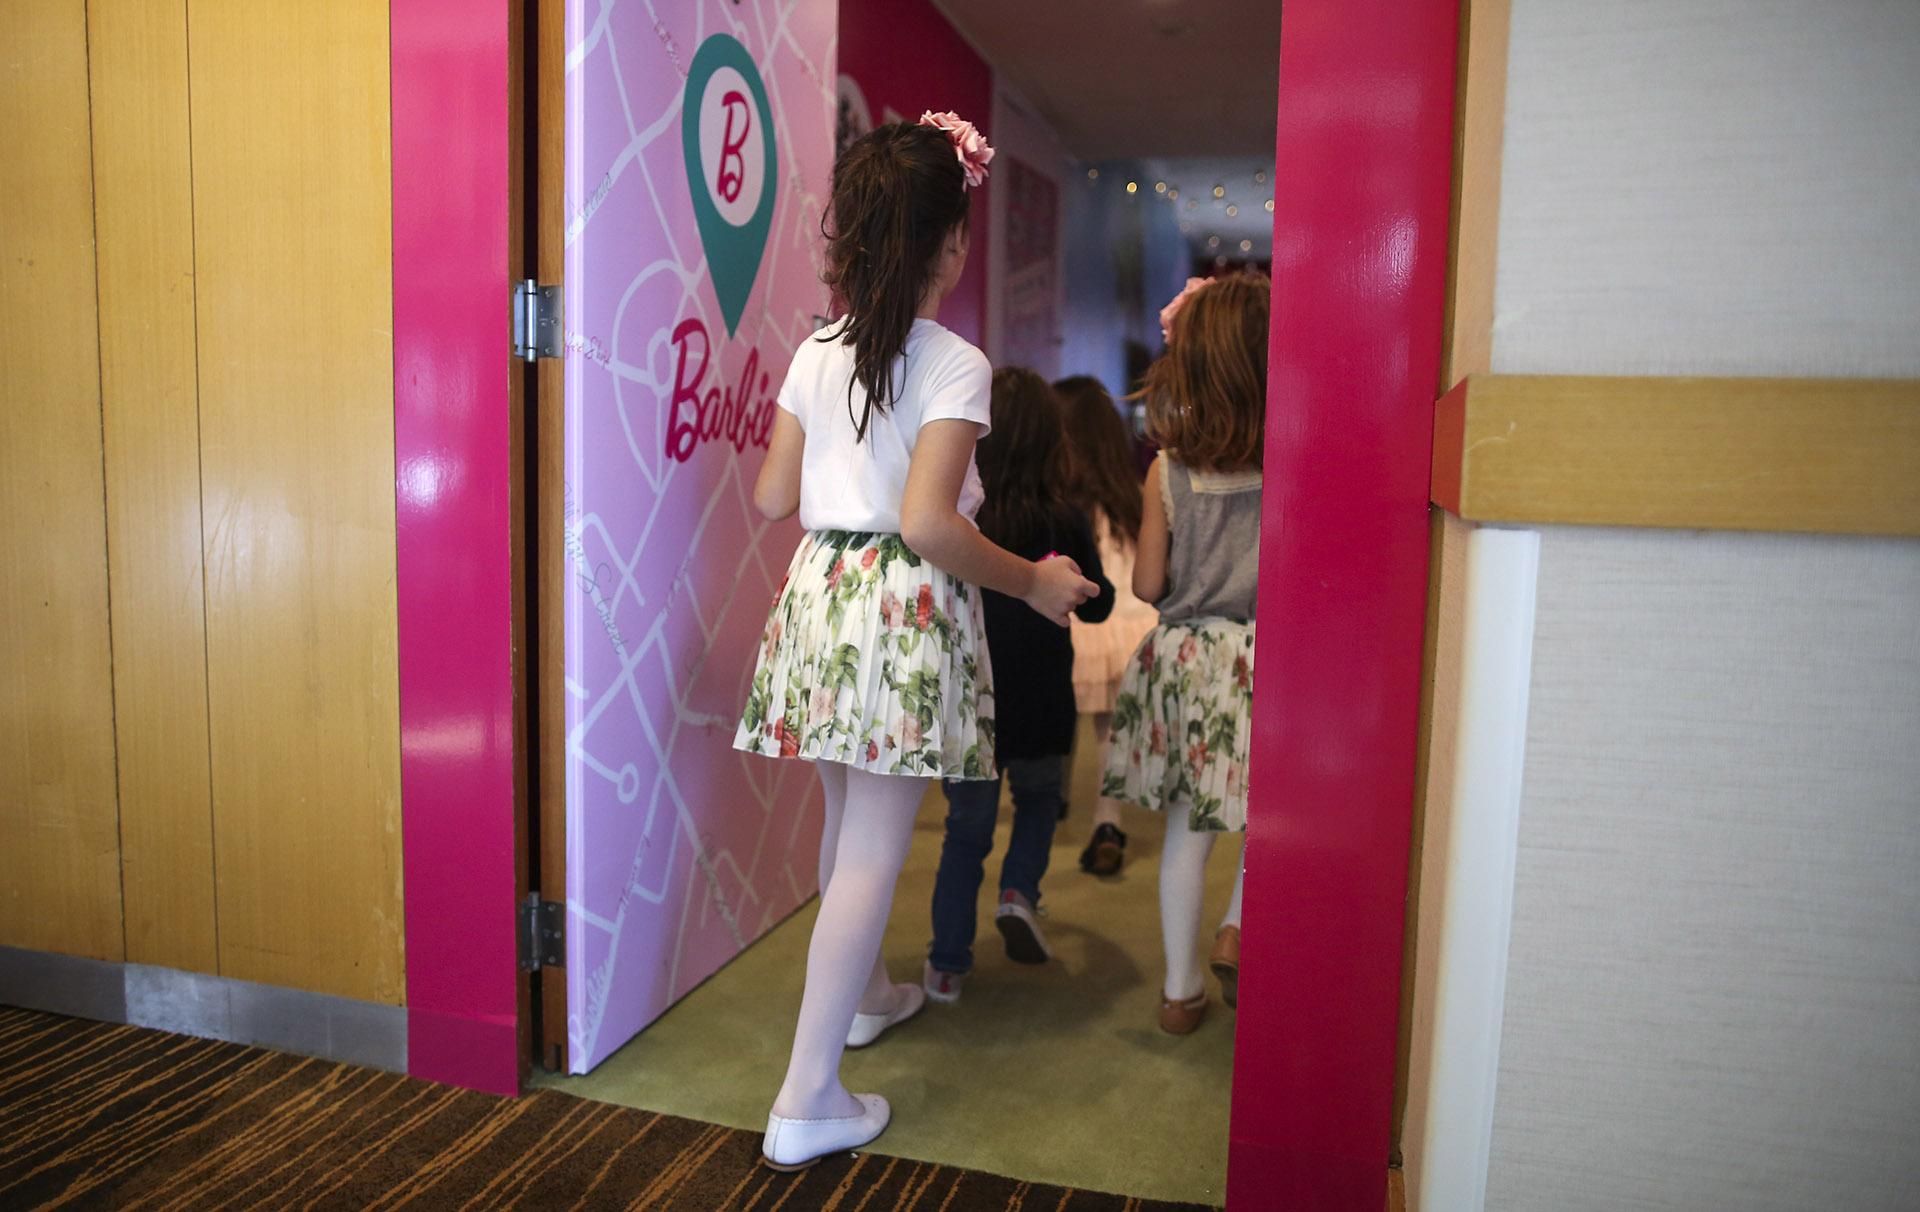 Barbie Room se encuentra en la habitación Nº 136, con una puerta bien diferenciada del resto, con una puerta rosa que da la bienvenida al universo de fantasía de la icónica muñeca